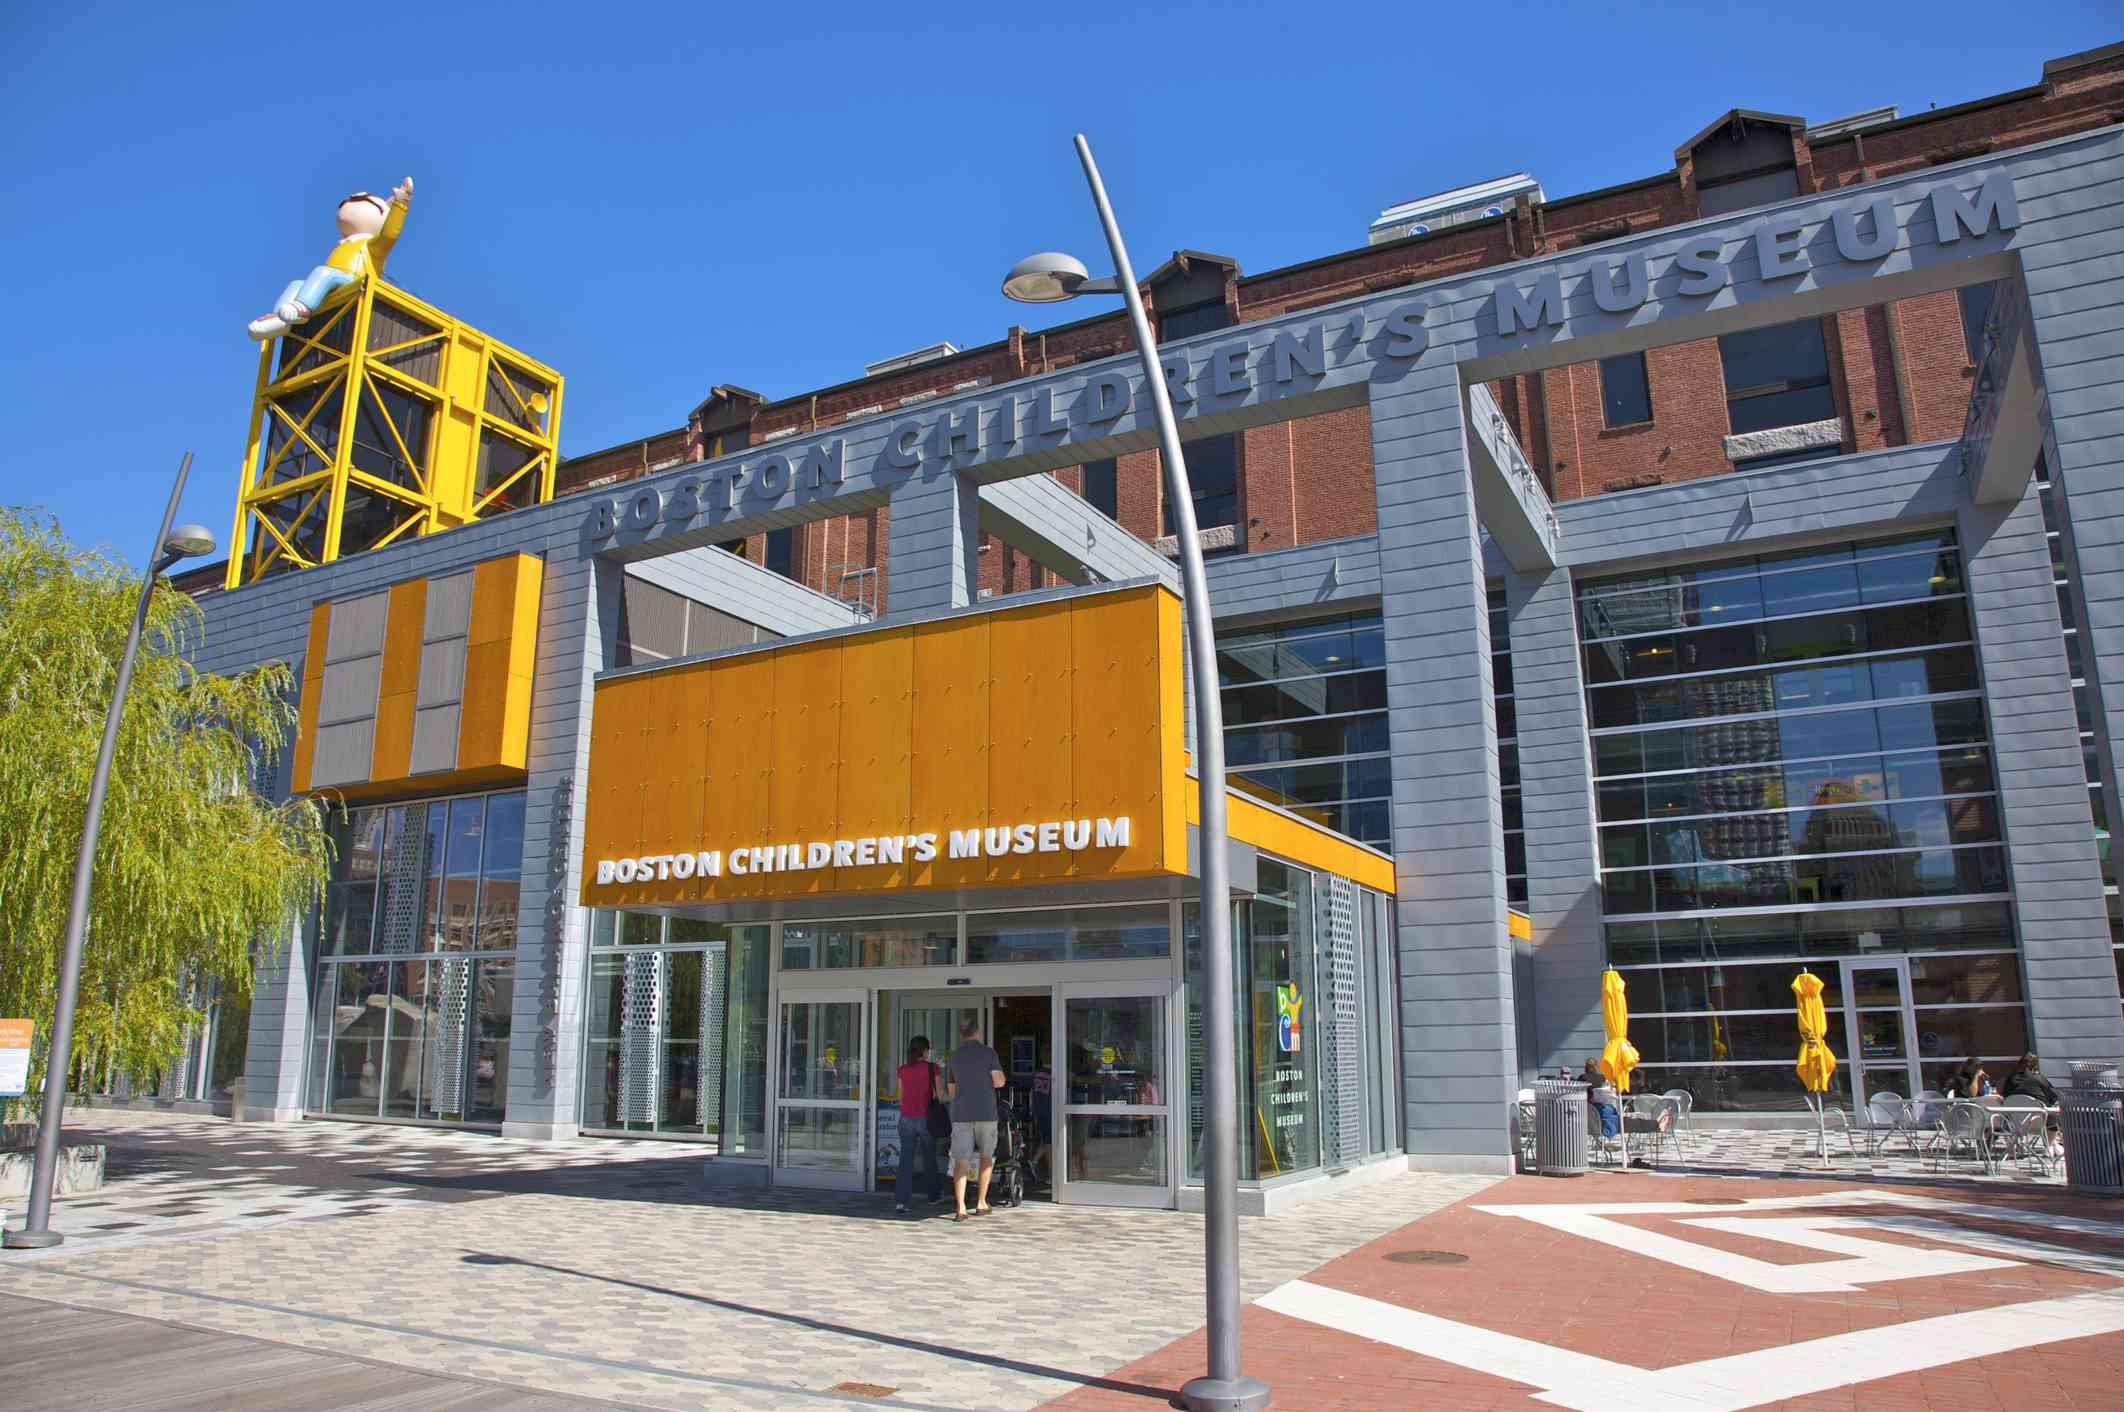 exterior of Boston Children's musuem